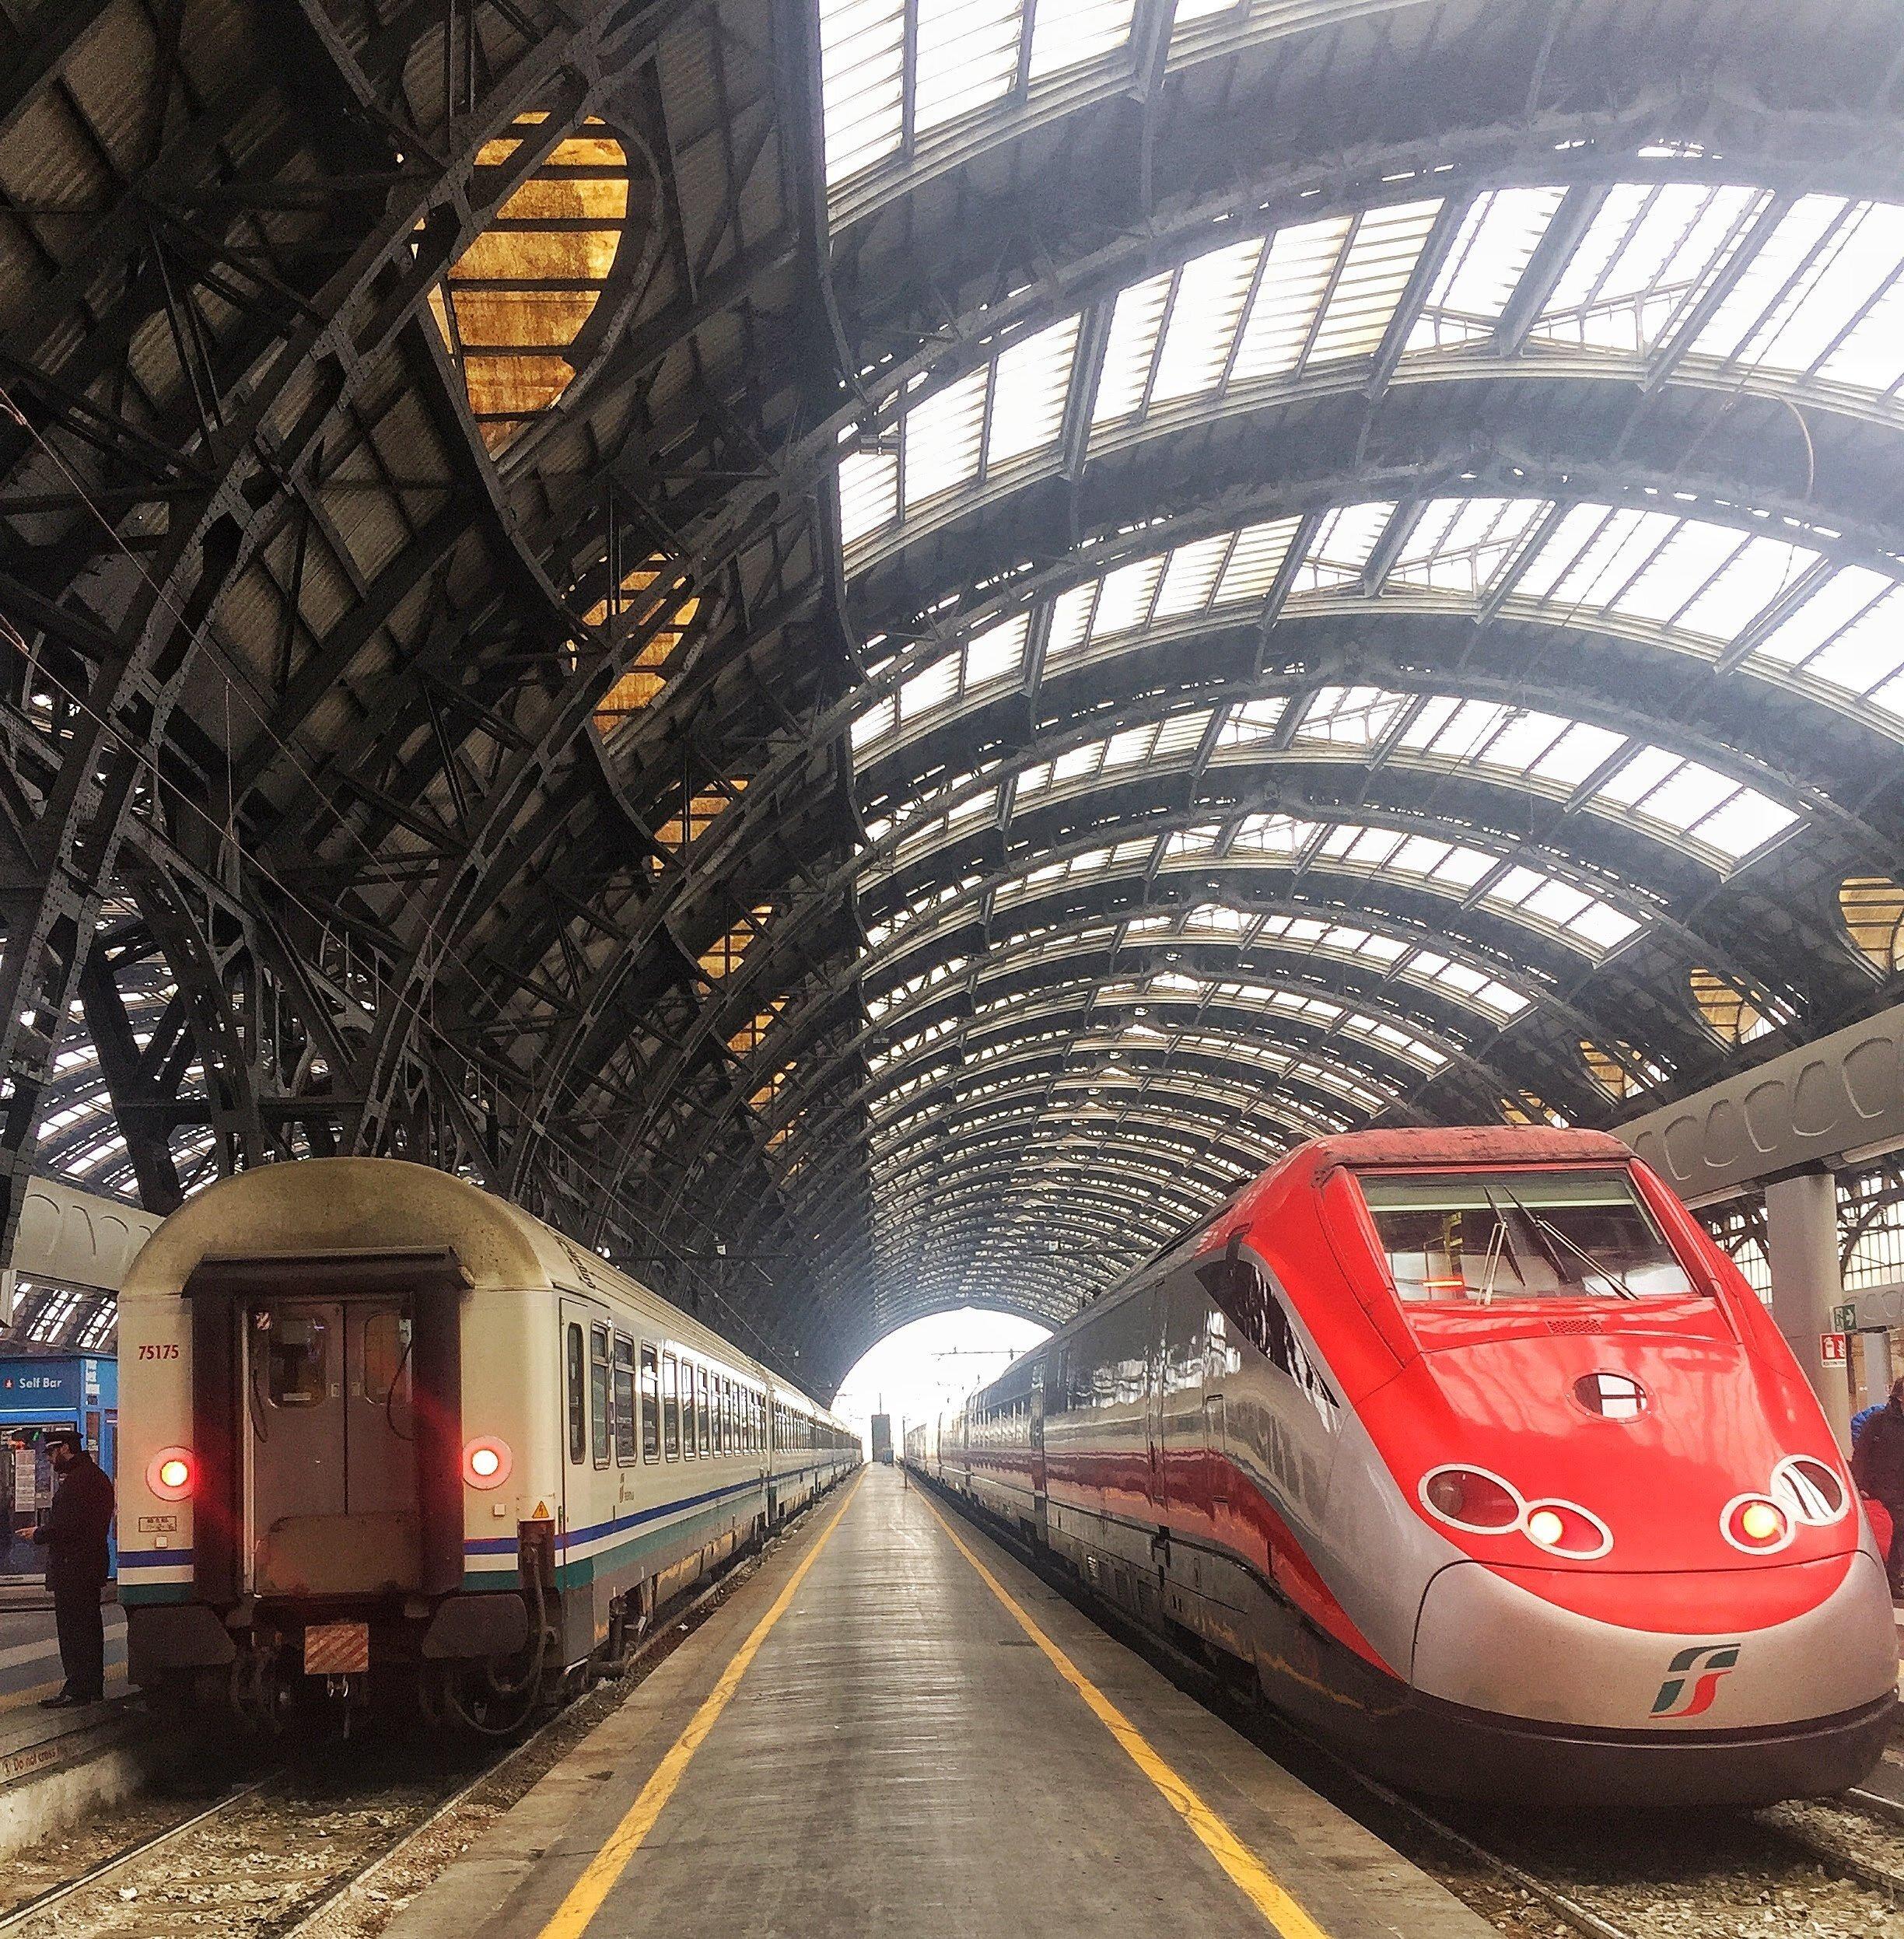 Estaçao Central de trem em Milano, Italia